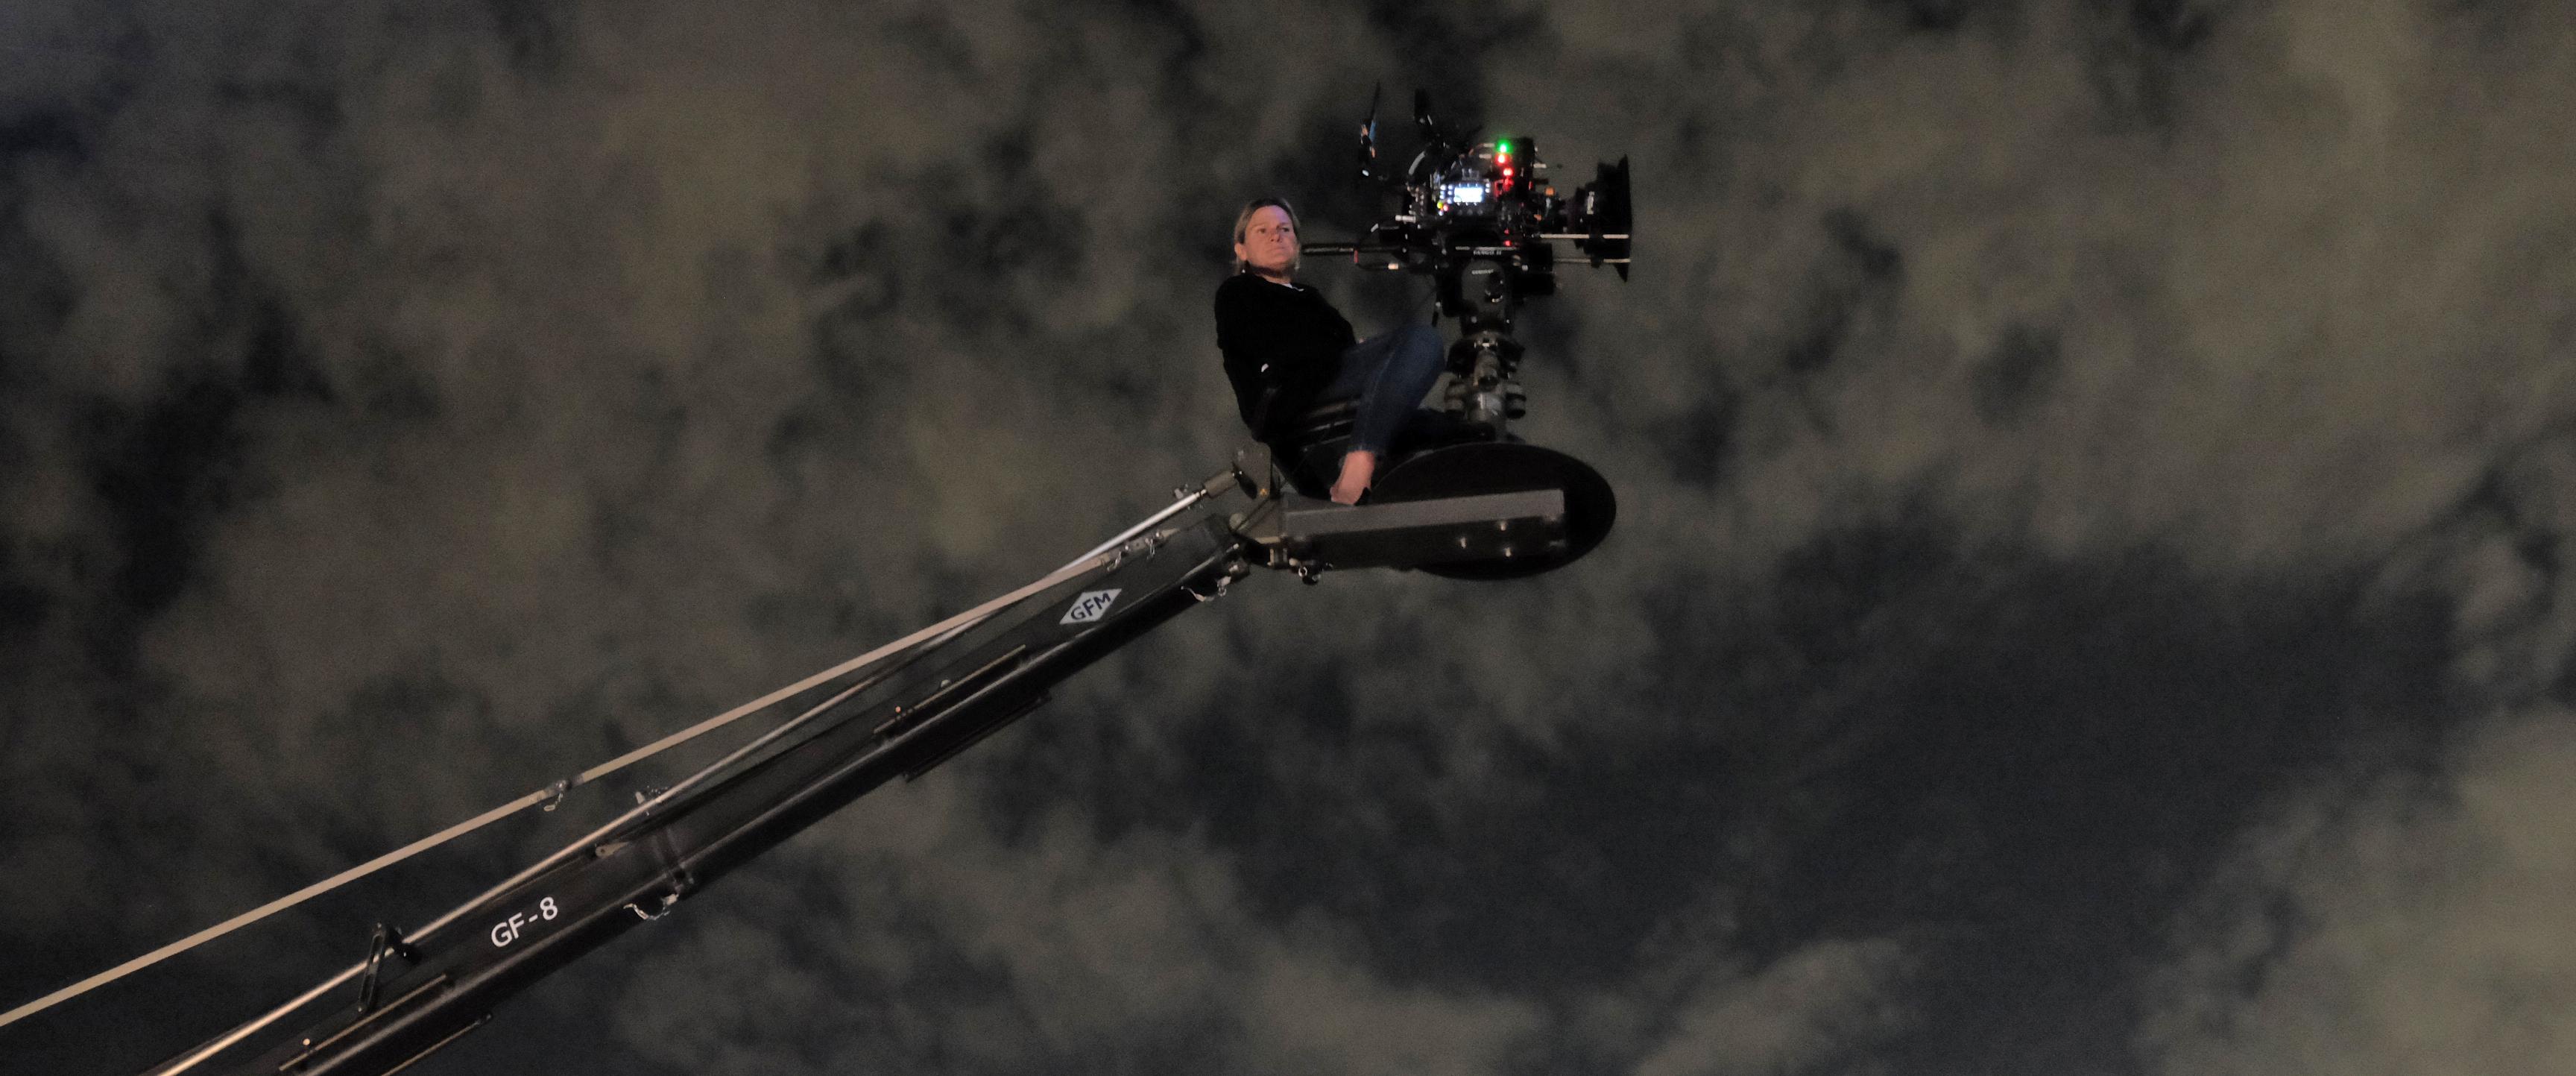 Kuras operates a crane shot. Photo by Sofia Due Rosenzweig.